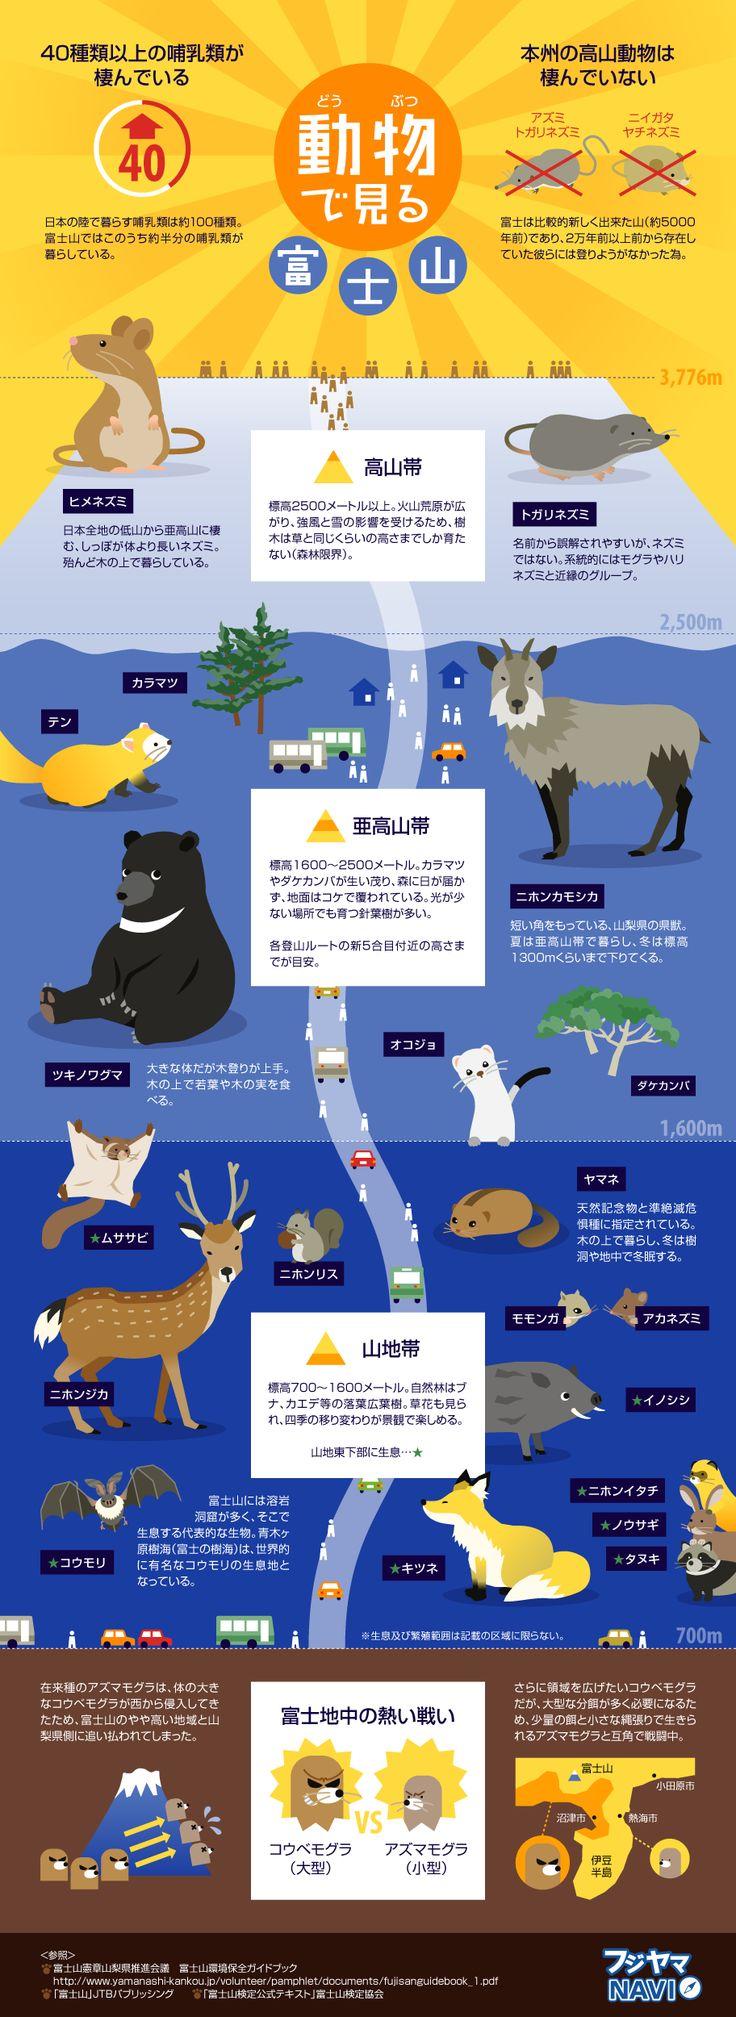 動物で見る富士山-インフォグラフィック